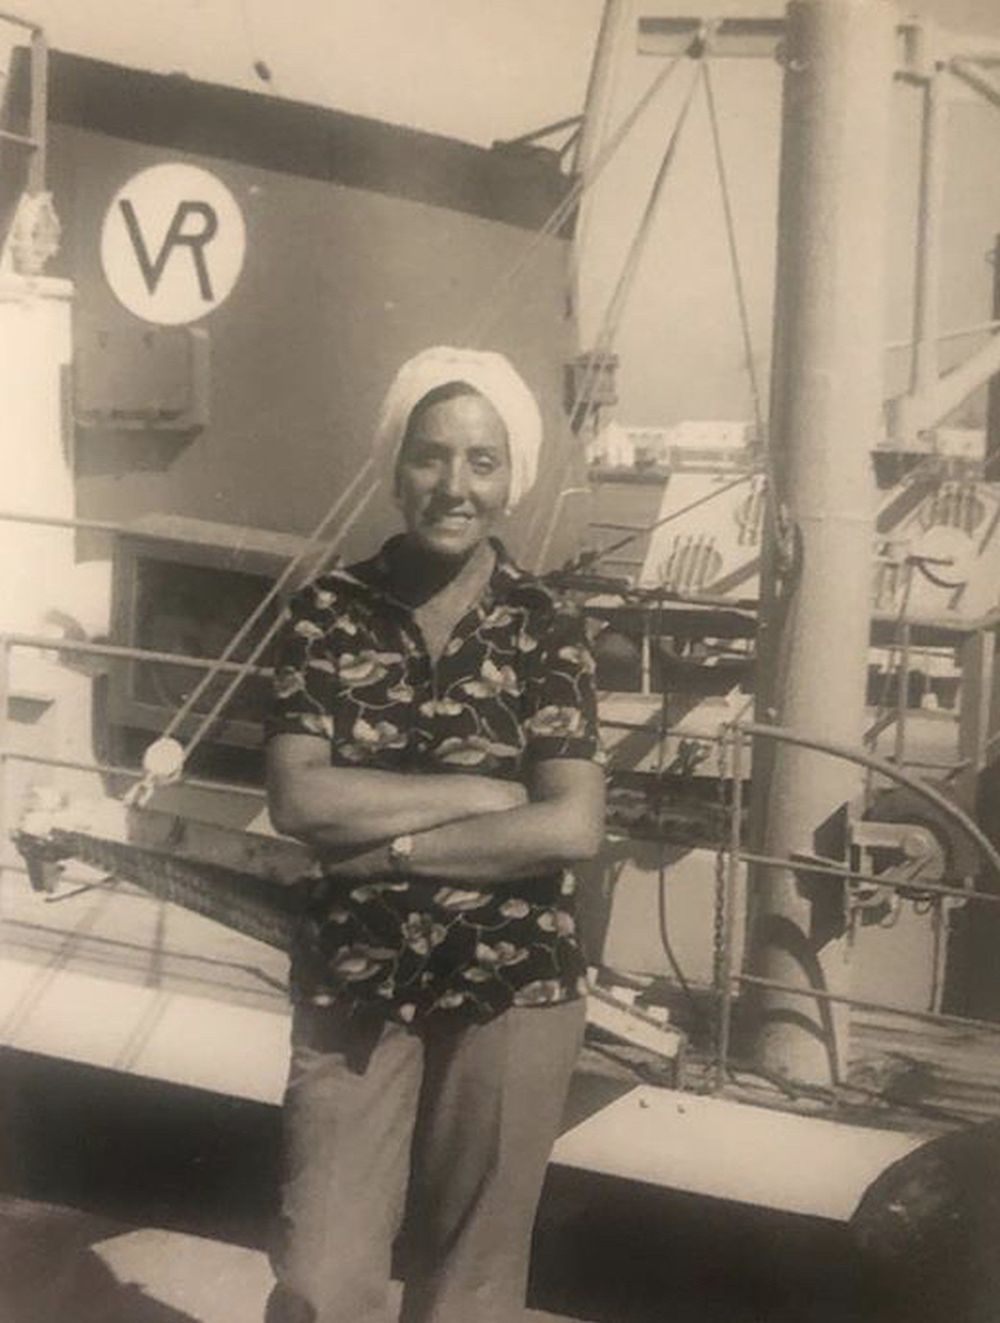 Foto de álbum familiar de su gran referente, su abuela